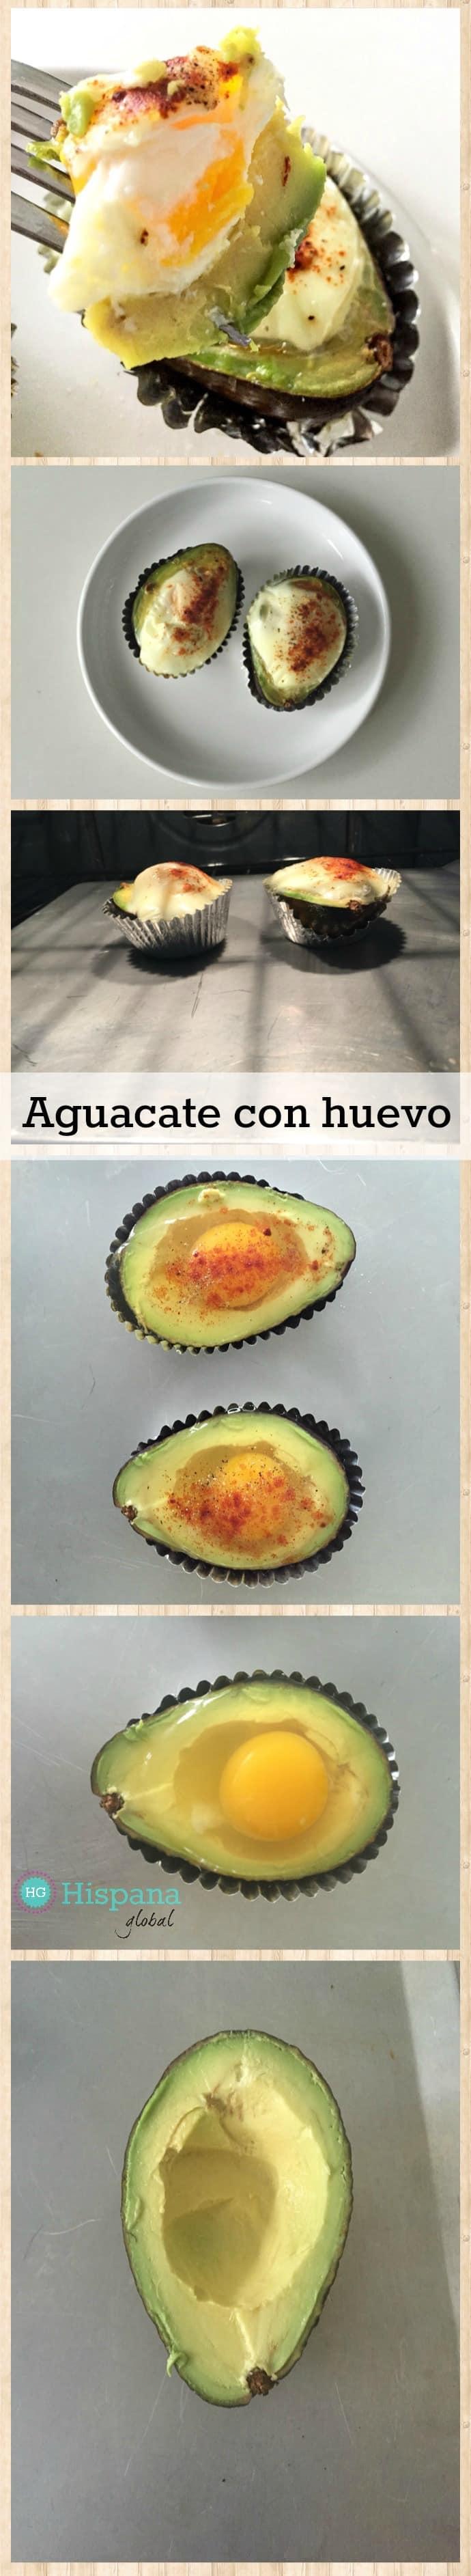 Precalentar el horno a 425° F (218º C). Cortar una palta o aguacate maduro por la mitad y quitarle el carozo o semilla. Con una cuchara agrandar un poco más el hueco donde estaba el carozo para que allí vaya el huevo. Colocar sobre una bandeja de metal para hornear; yo puse la palta o aguacate sobre un papel de aluminio para muffins o panecillos para que no se manche la bandeja. Espolvorear sal. Agregar el huevo crudo y sal pimentar. También puedes agregar pimienta de cayena, páprika, chile o cualquier otra especia que te guste. Hornear por 17 a 20 minutos (depende de tu horno y de cuán cocinados te gustan los huevos). ¡Servir y disfrutar!